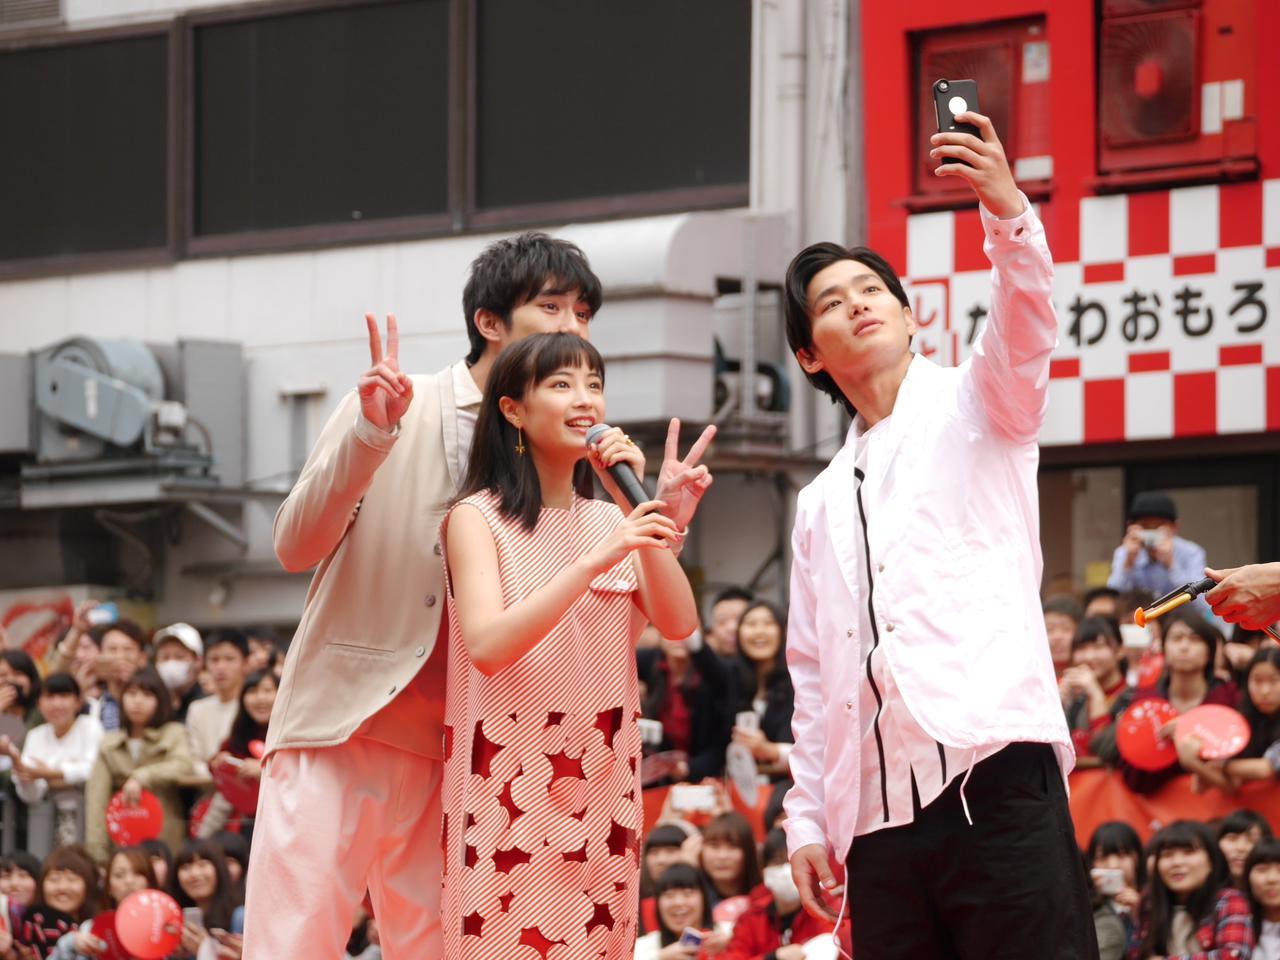 画像3: ちはやふる☆からくれなゐイベントin大阪